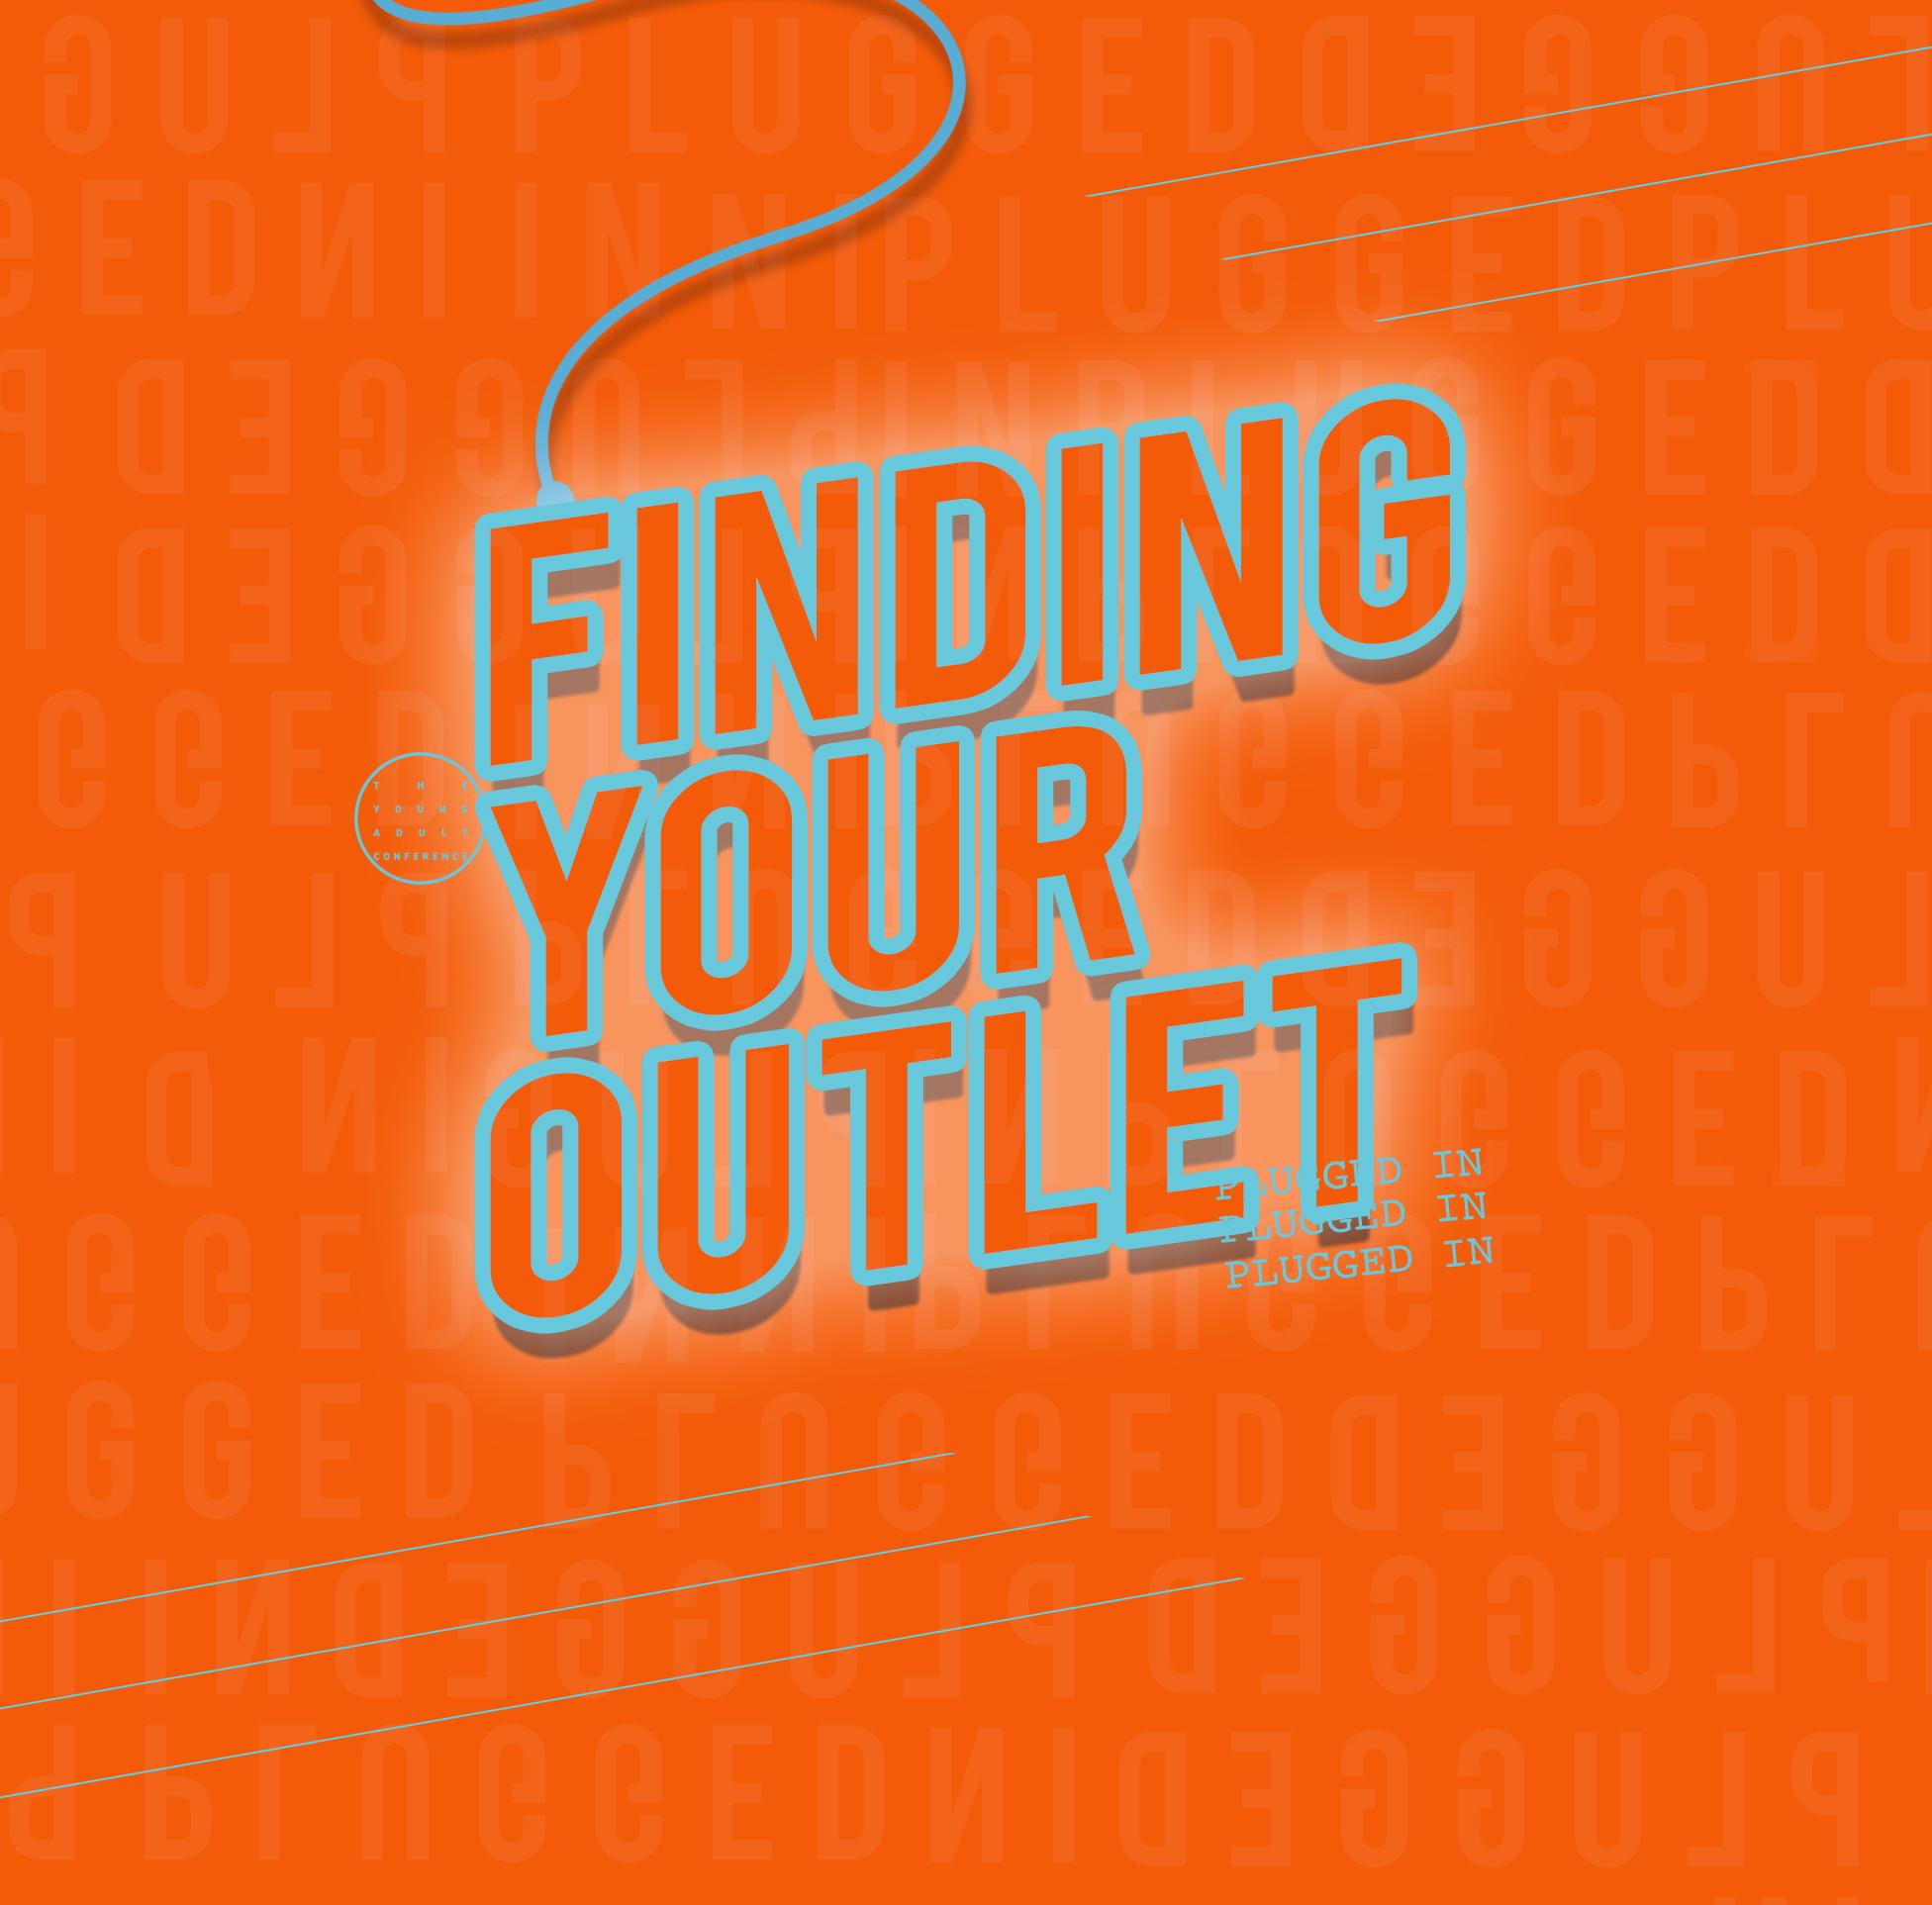 Find Outlet.jpg